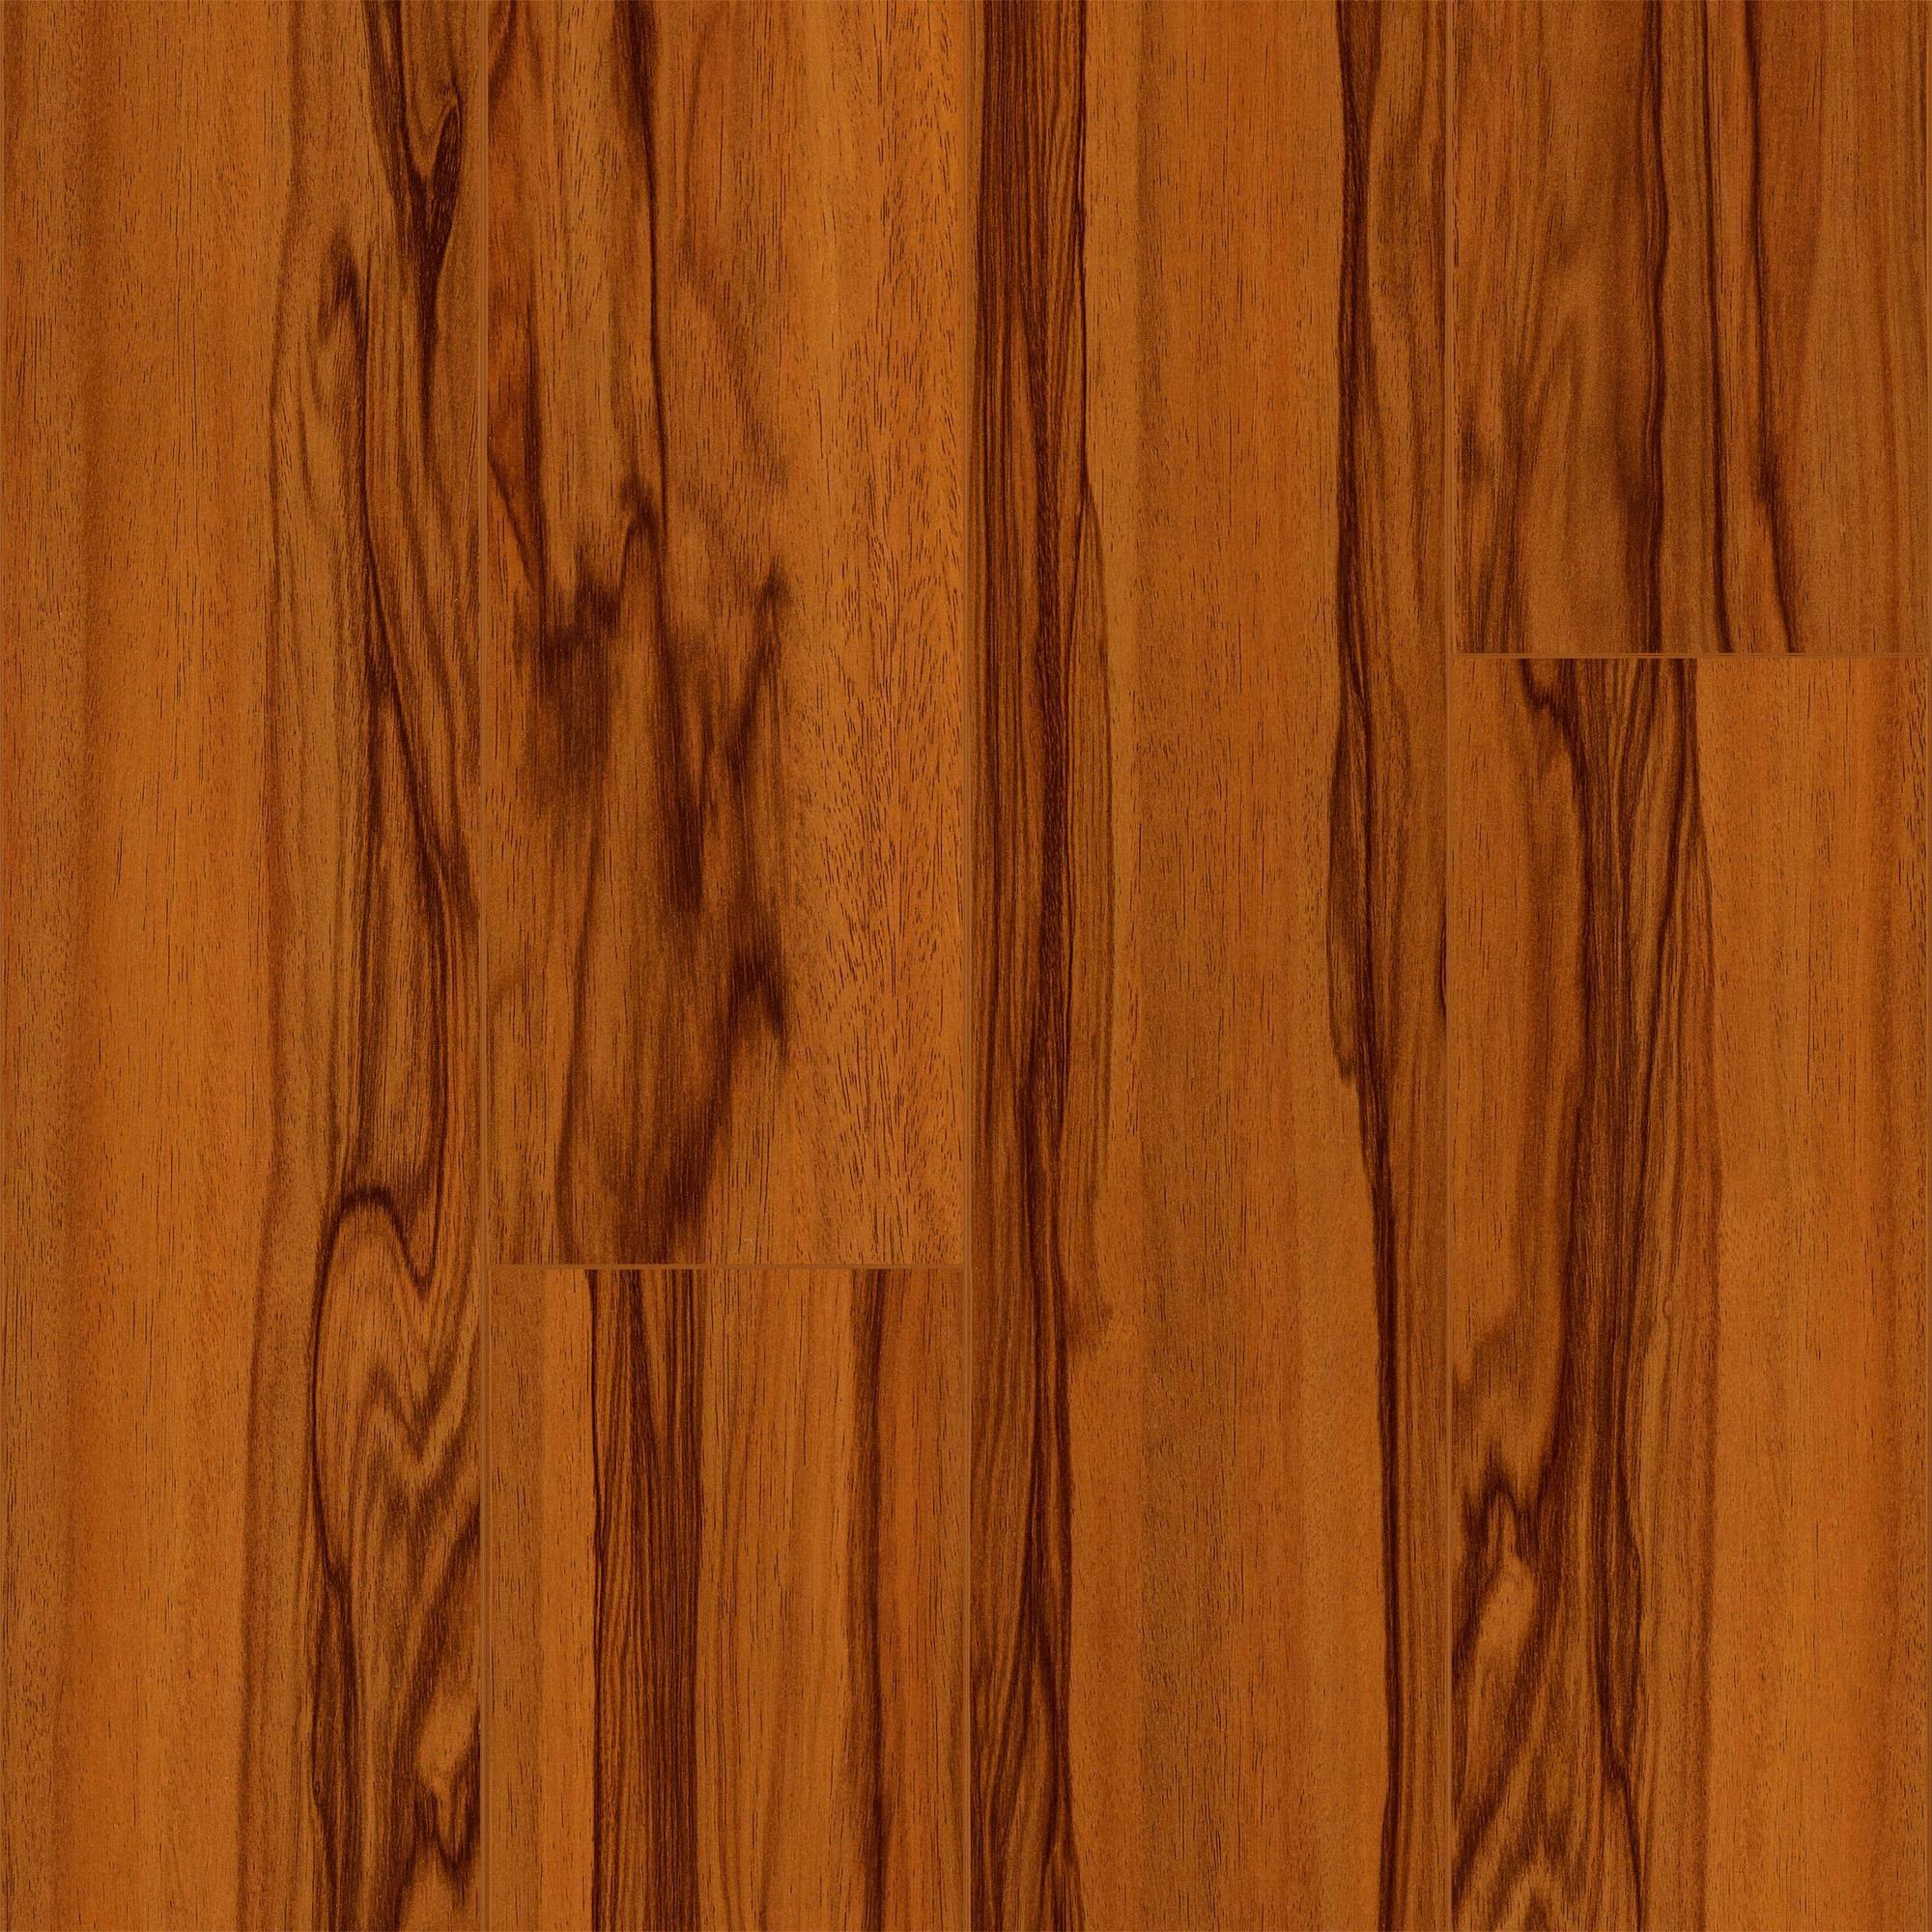 Siberian Tigerwood Laminate Flooring Laminate Flooring Laminate